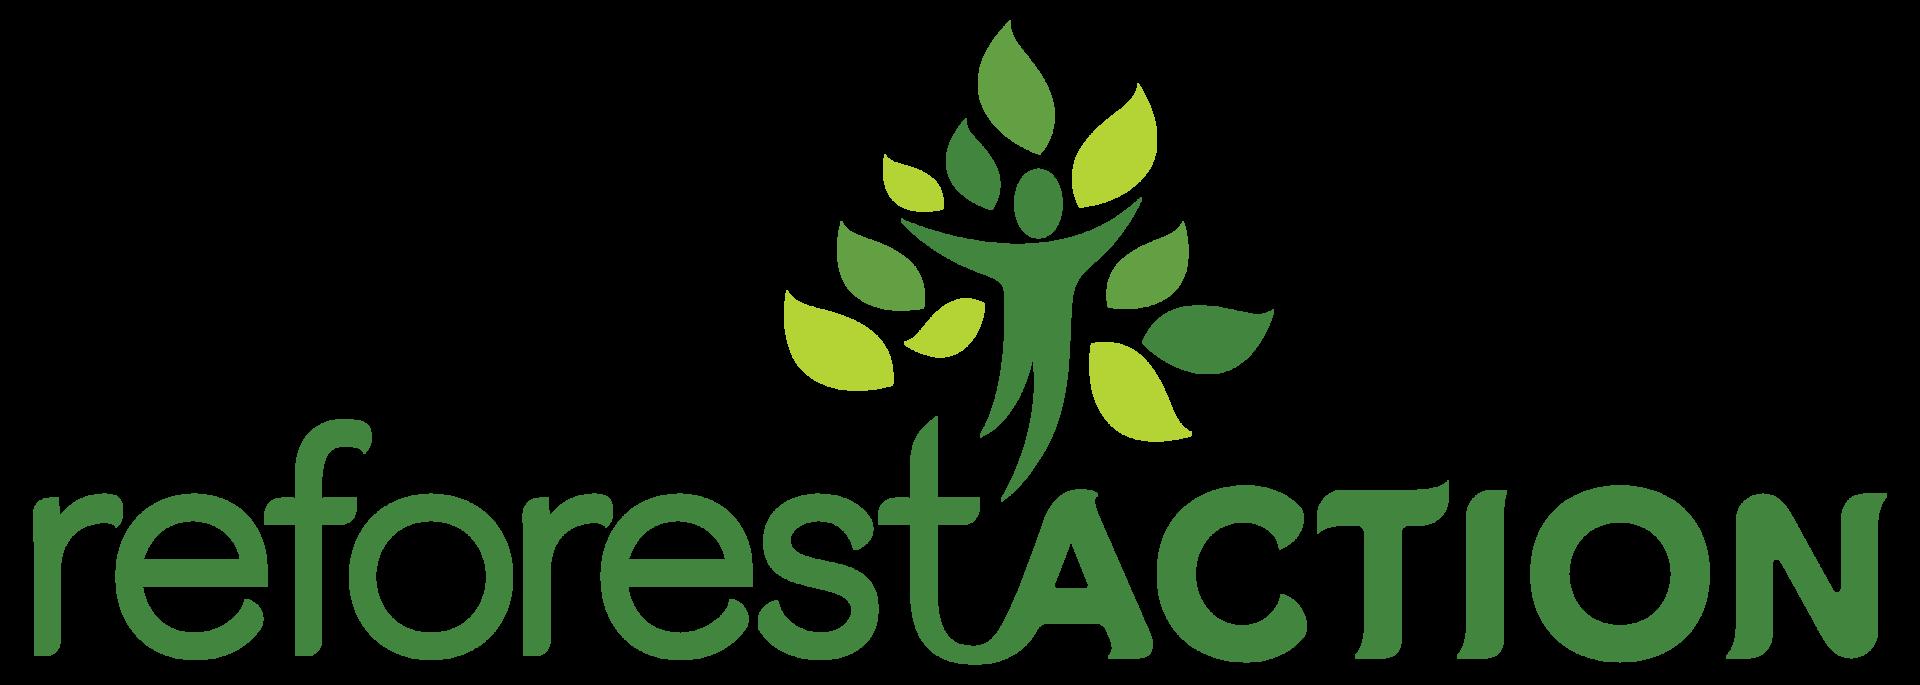 Artifica plante 2000 arbres chaque année avec Reforest'action.